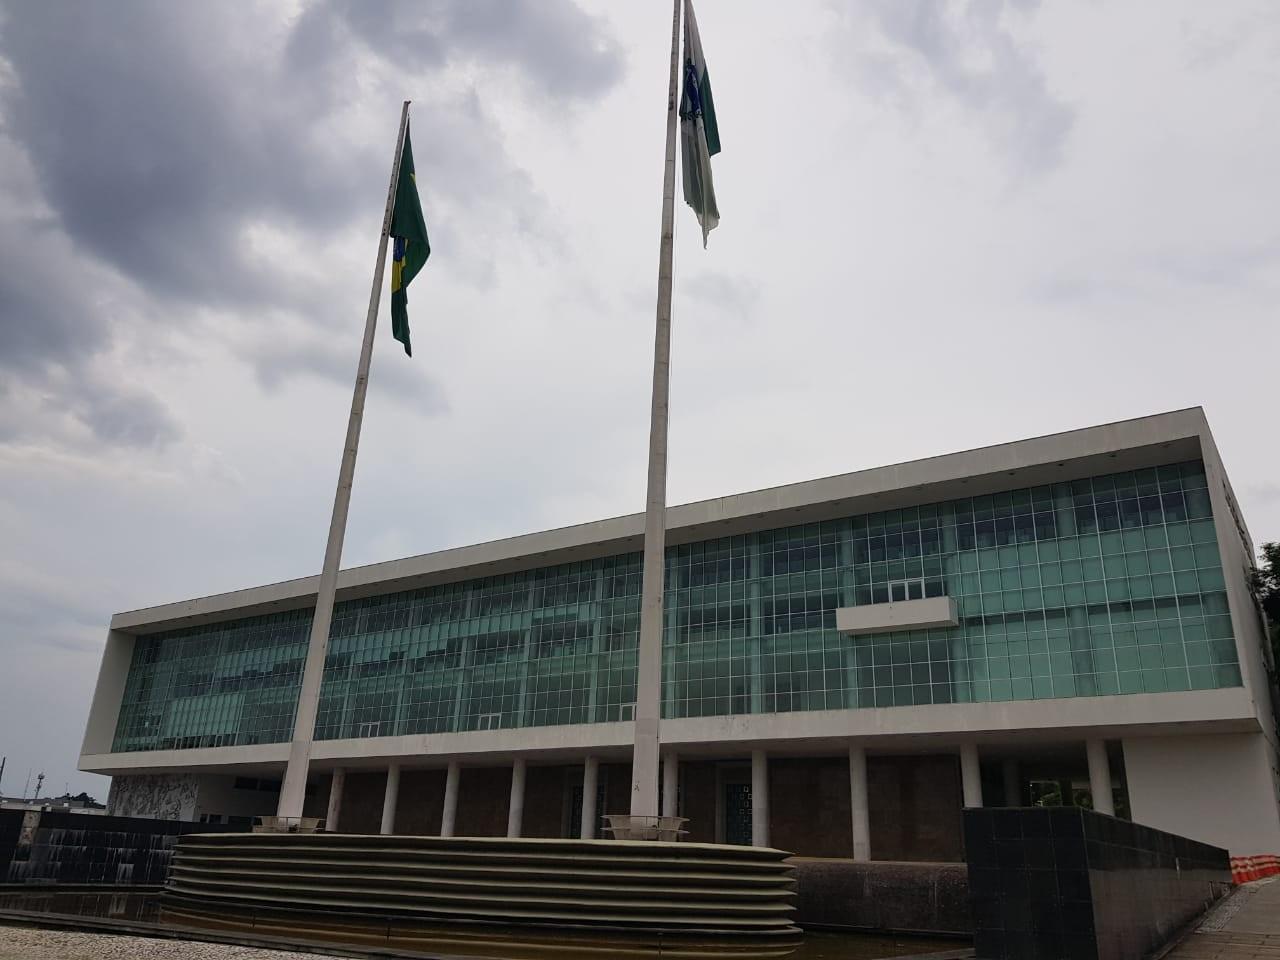 Governo do Paraná propõe suspensão do reajuste de salários dos servidores